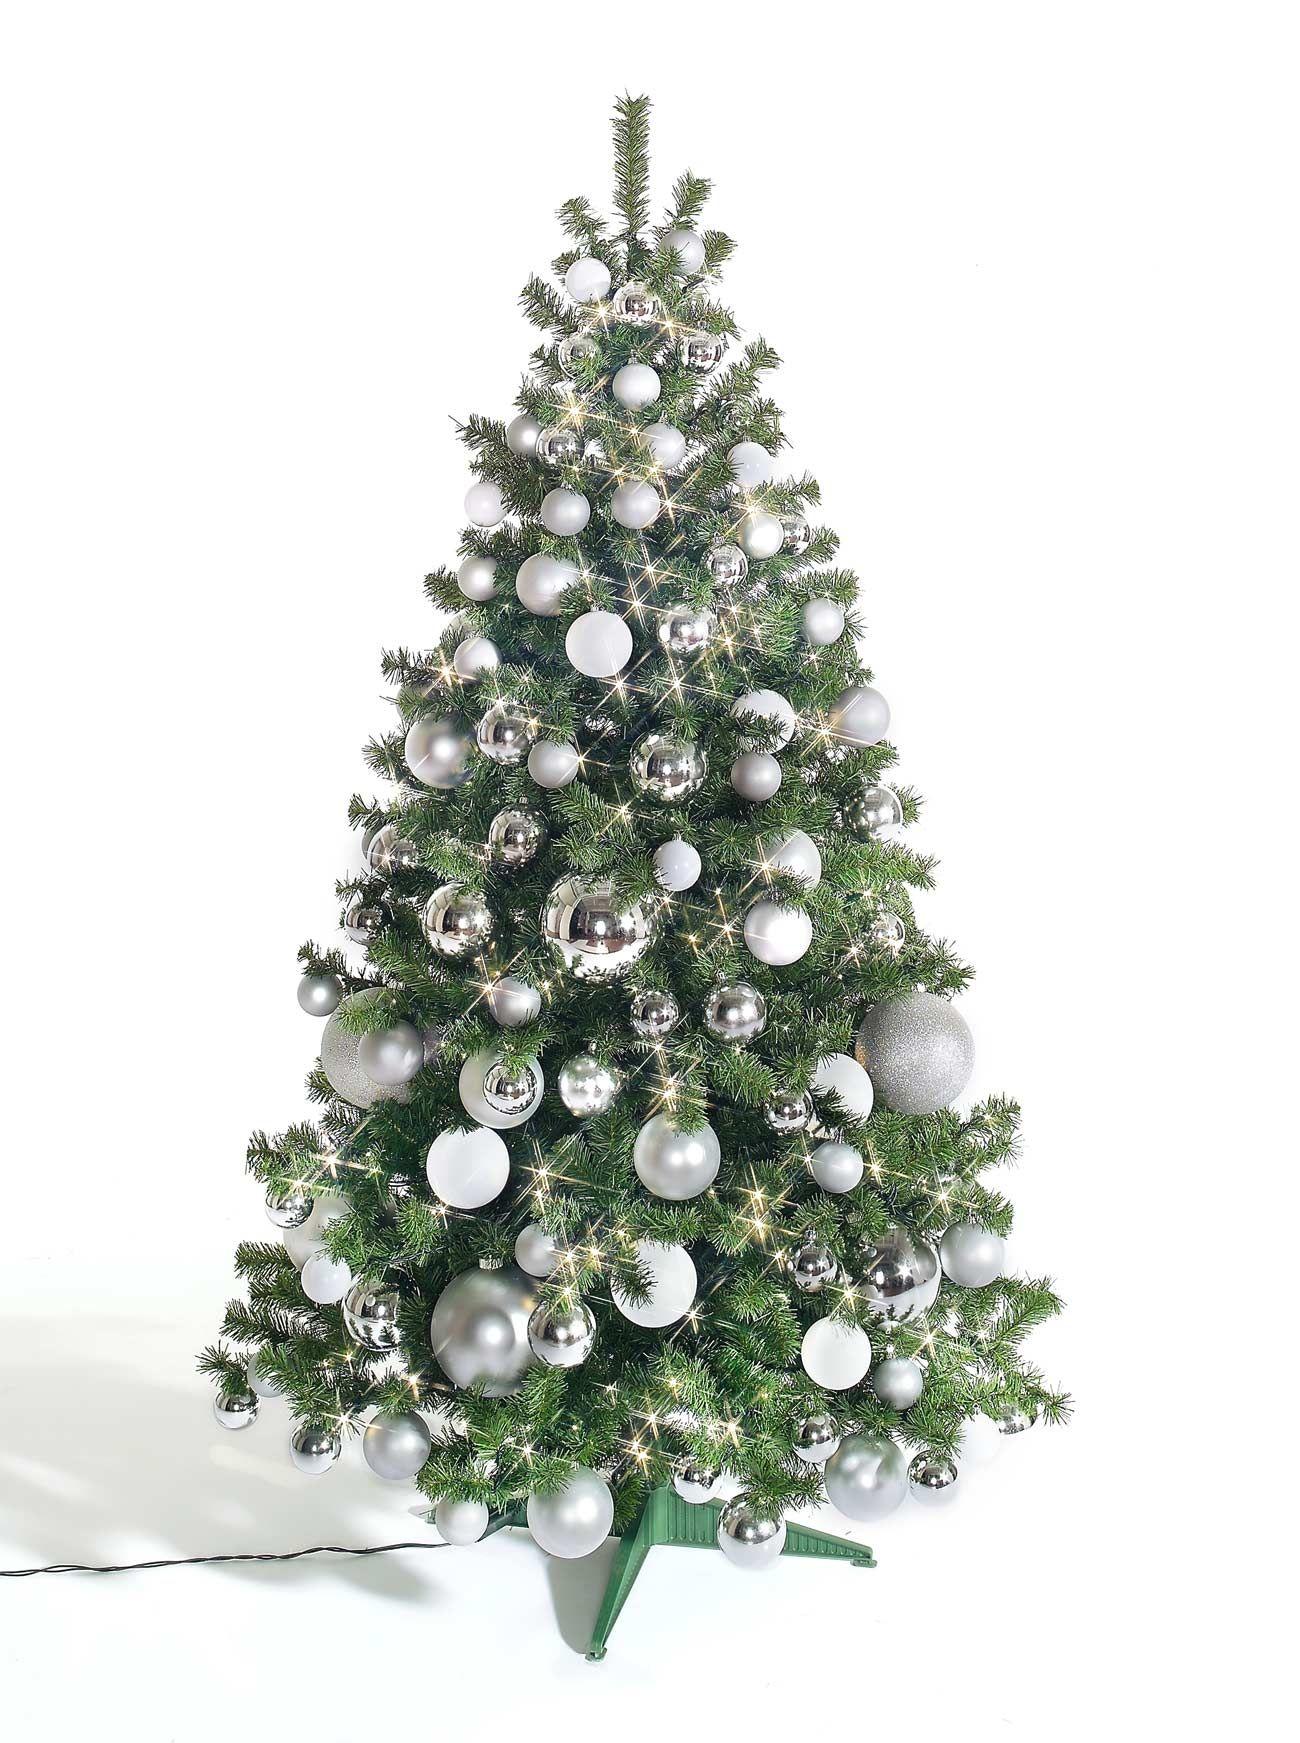 barcana slimline weihnachtsbaum mit silbernen dekor und led licht 180 cm hoch k nstliche. Black Bedroom Furniture Sets. Home Design Ideas